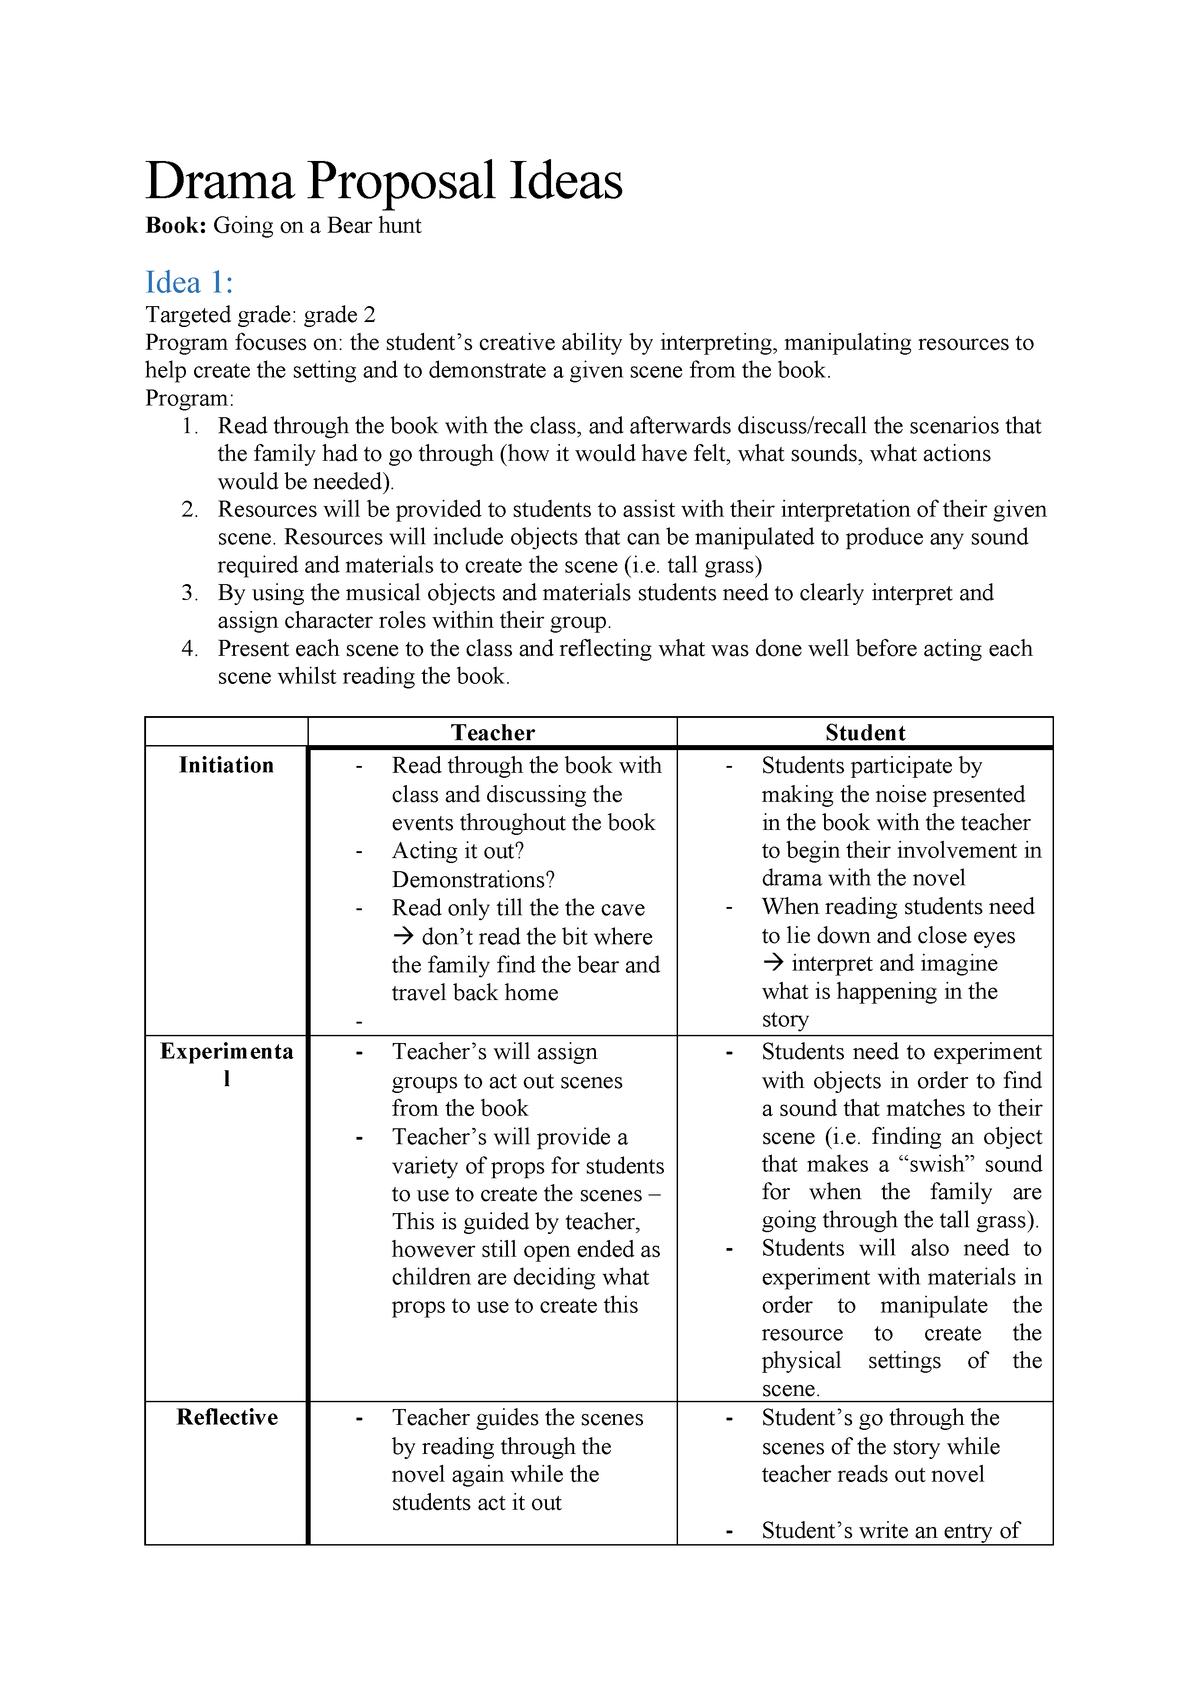 Drama-Proposal-Ideas - EDUC1704: Education And Creativity